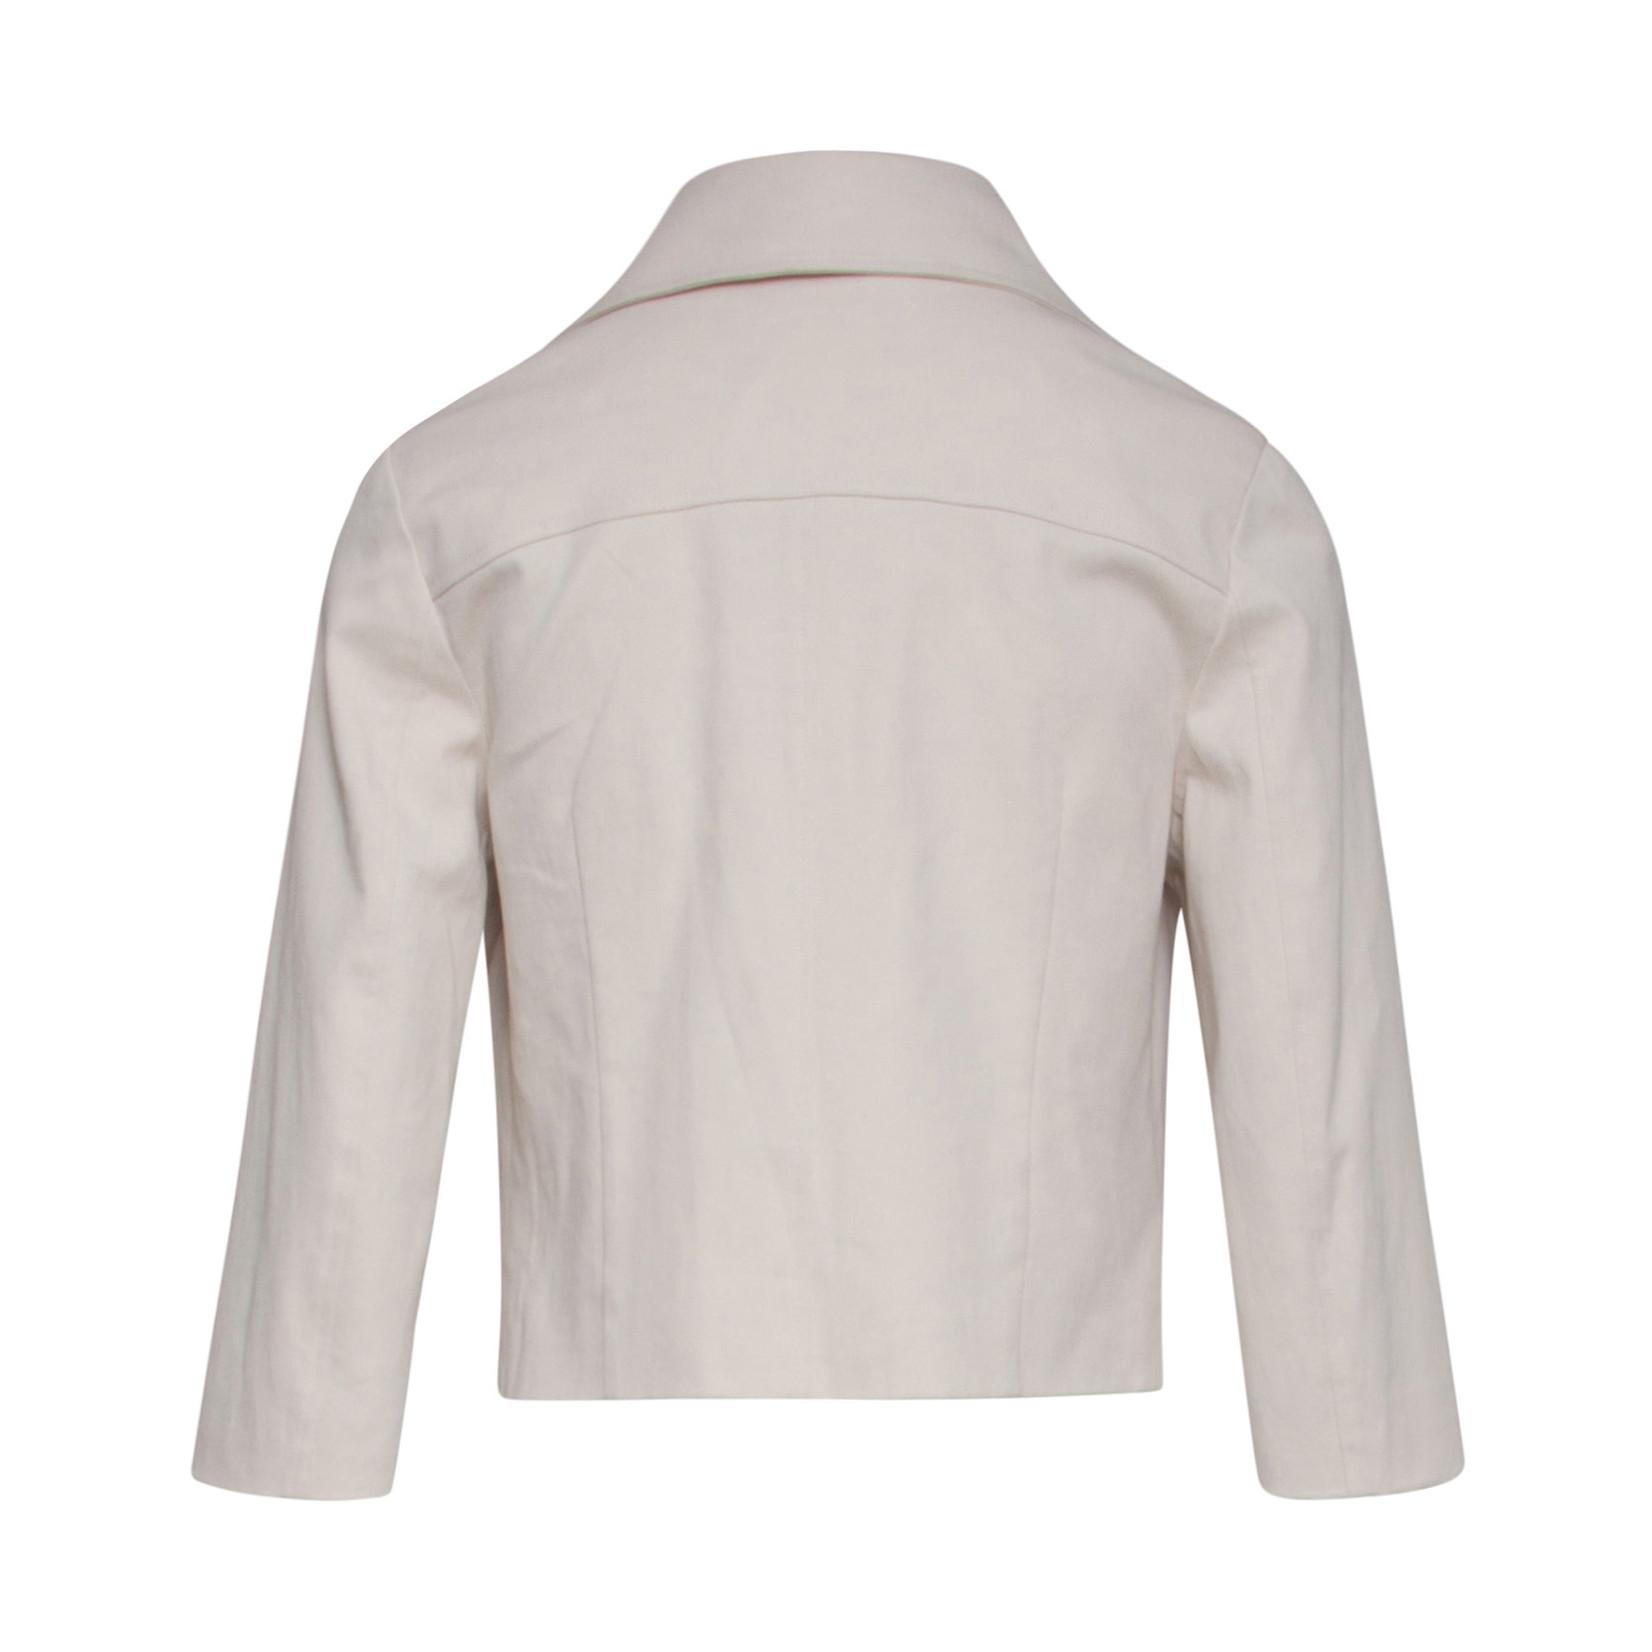 Smashed Lemon Smashed Lemon coat off white 21165